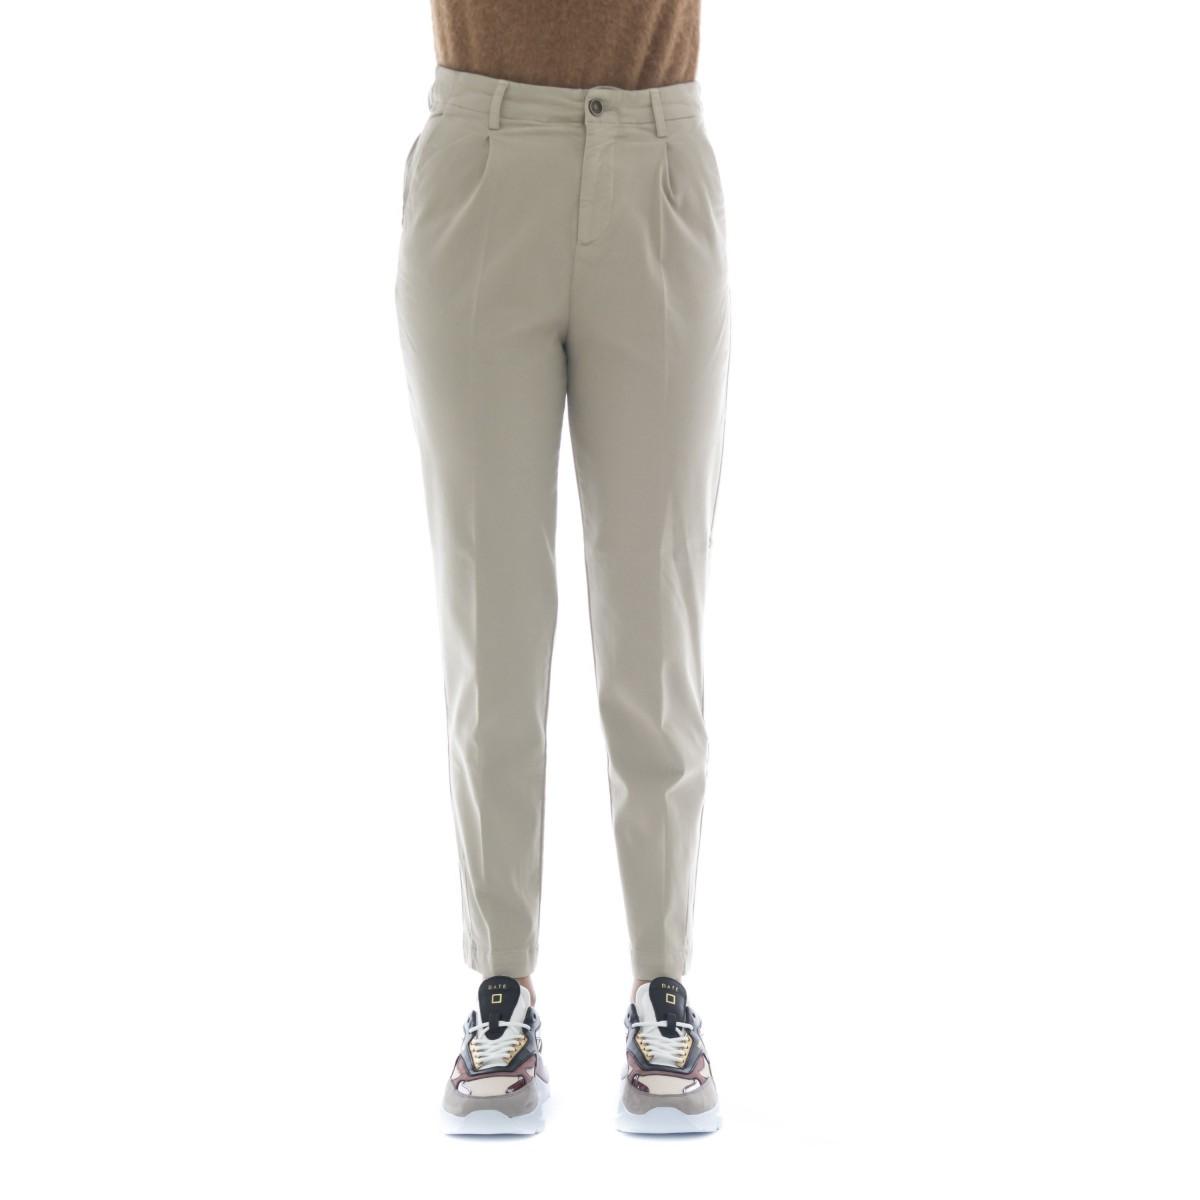 Pantalone donna - Neve 5682